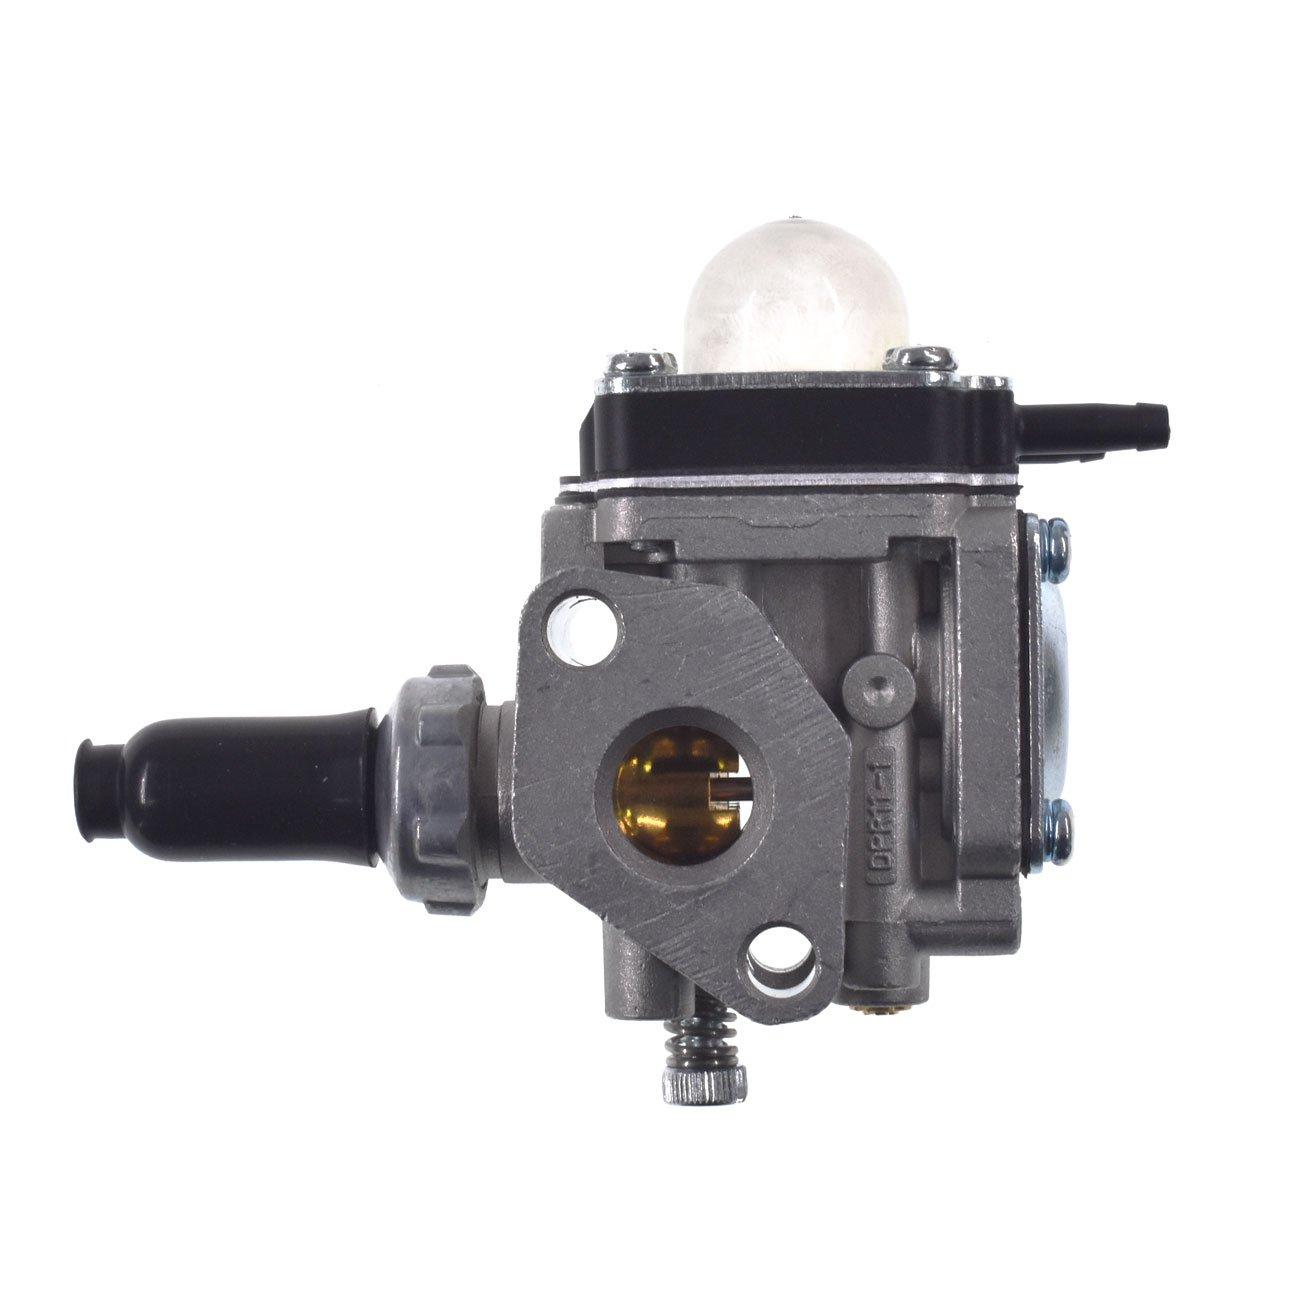 JRL Carburador Carburador para cortadora de Malas Hierbas Kawasaki TH43 TH48 Carburador